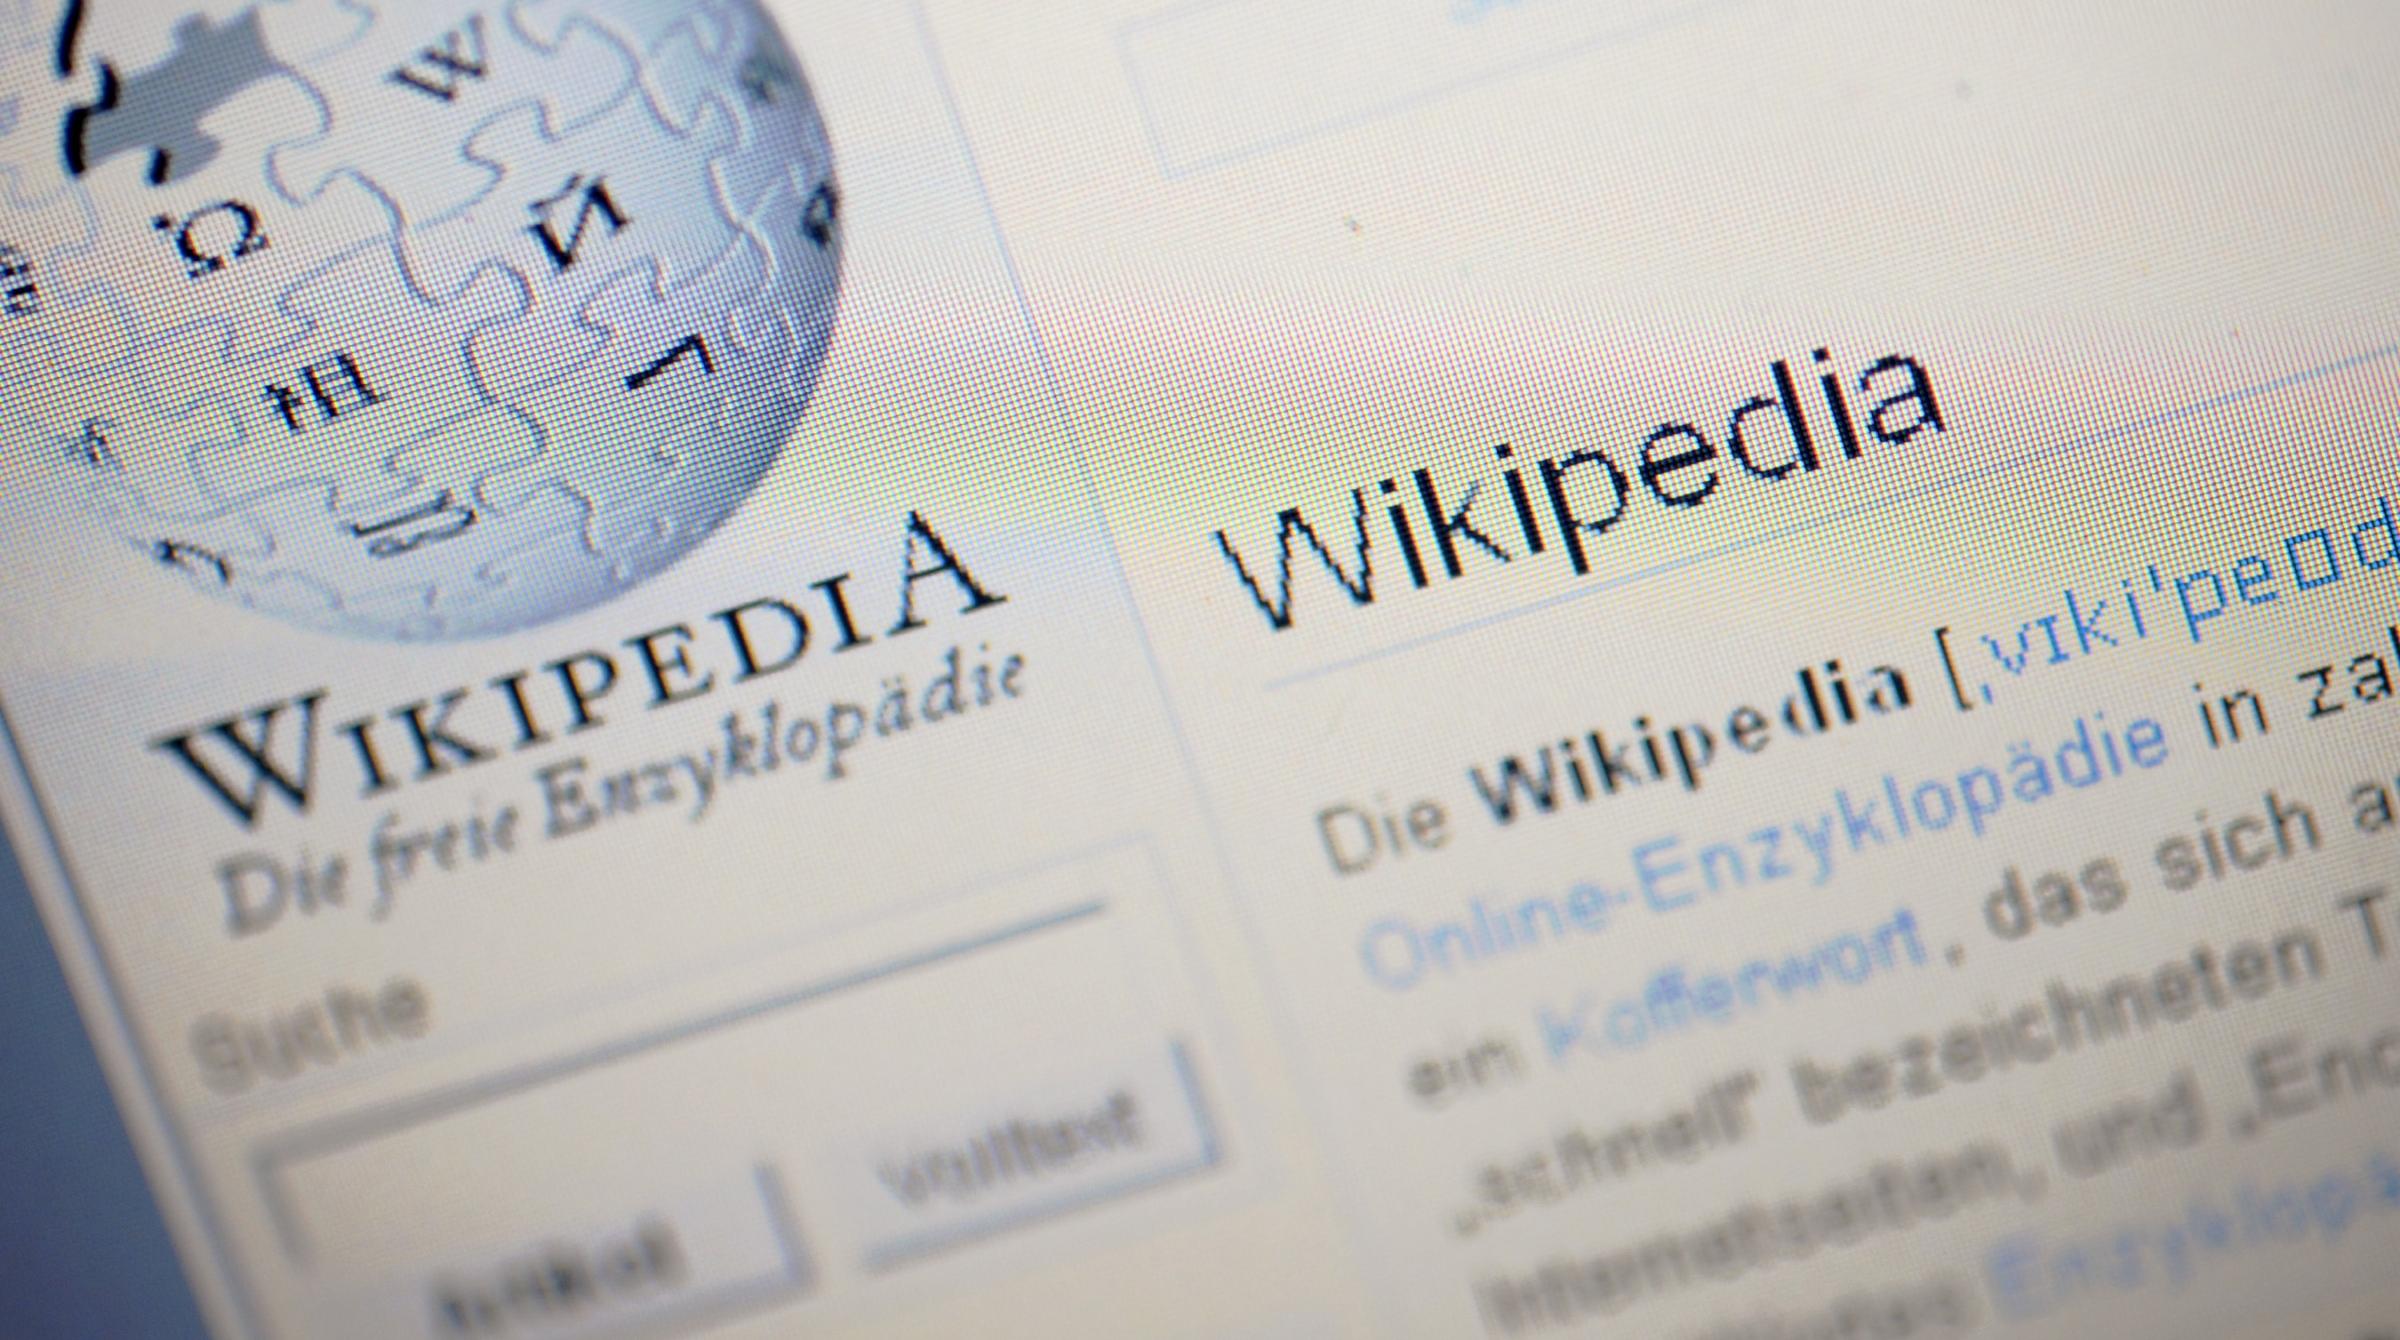 """ARCHIV: Der Artikel ueber Wikipedia ist auf einem Bildschirm in Berlin auf der Internetseite des Internet-Lexikons Wikipedia zu sehen (Foto vom 23.12.09). Was frueher der Griff zum dicken Nachschlagewerk bedeutete, ist heutzutage fast komplett durch einen Klick auf die kostenlose Online-Konkurrenz ersetzt worden. Die Nutzung erscheint inzwischen so selbstverstaendlich, dass das anstehende Jubilaeum erstaunt: Erst vor zehn Jahren, am 15. Januar 2001, wurde die erste Version von """"Wikipedia"""" in den USA gestartet. Wie aus dem Nichts sind seitdem weltweit fast 18 Millionen Artikel in rund 270 Sprachen entstanden. (zu dapd-Text) Foto: Michael Gottschalk/dapd"""